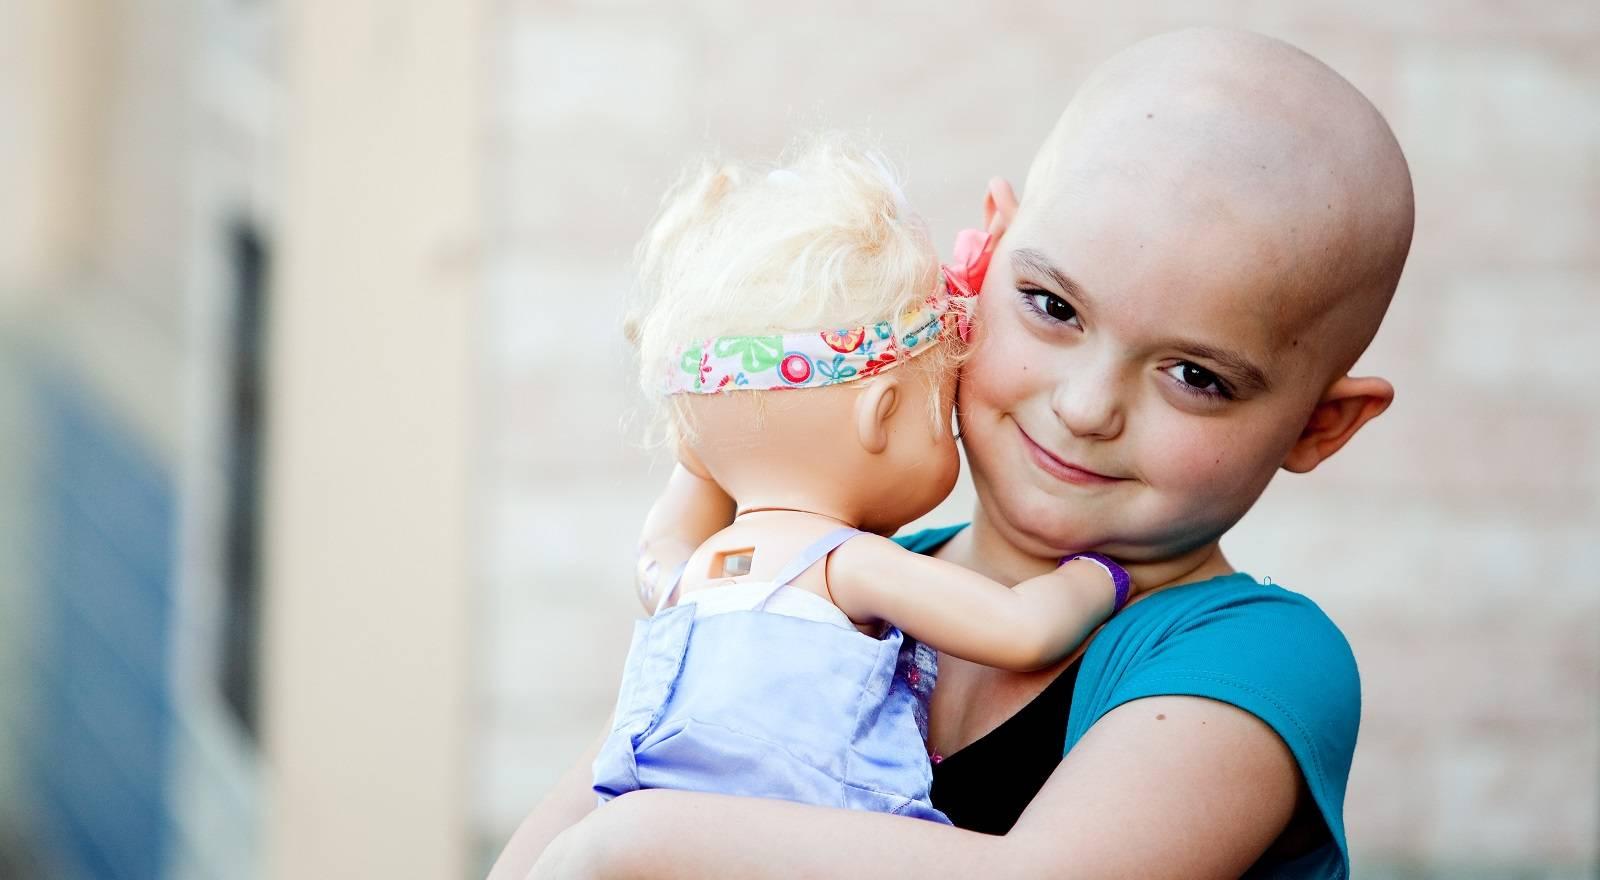 بهترین دارو برای بیماران سرطانی چیست؟